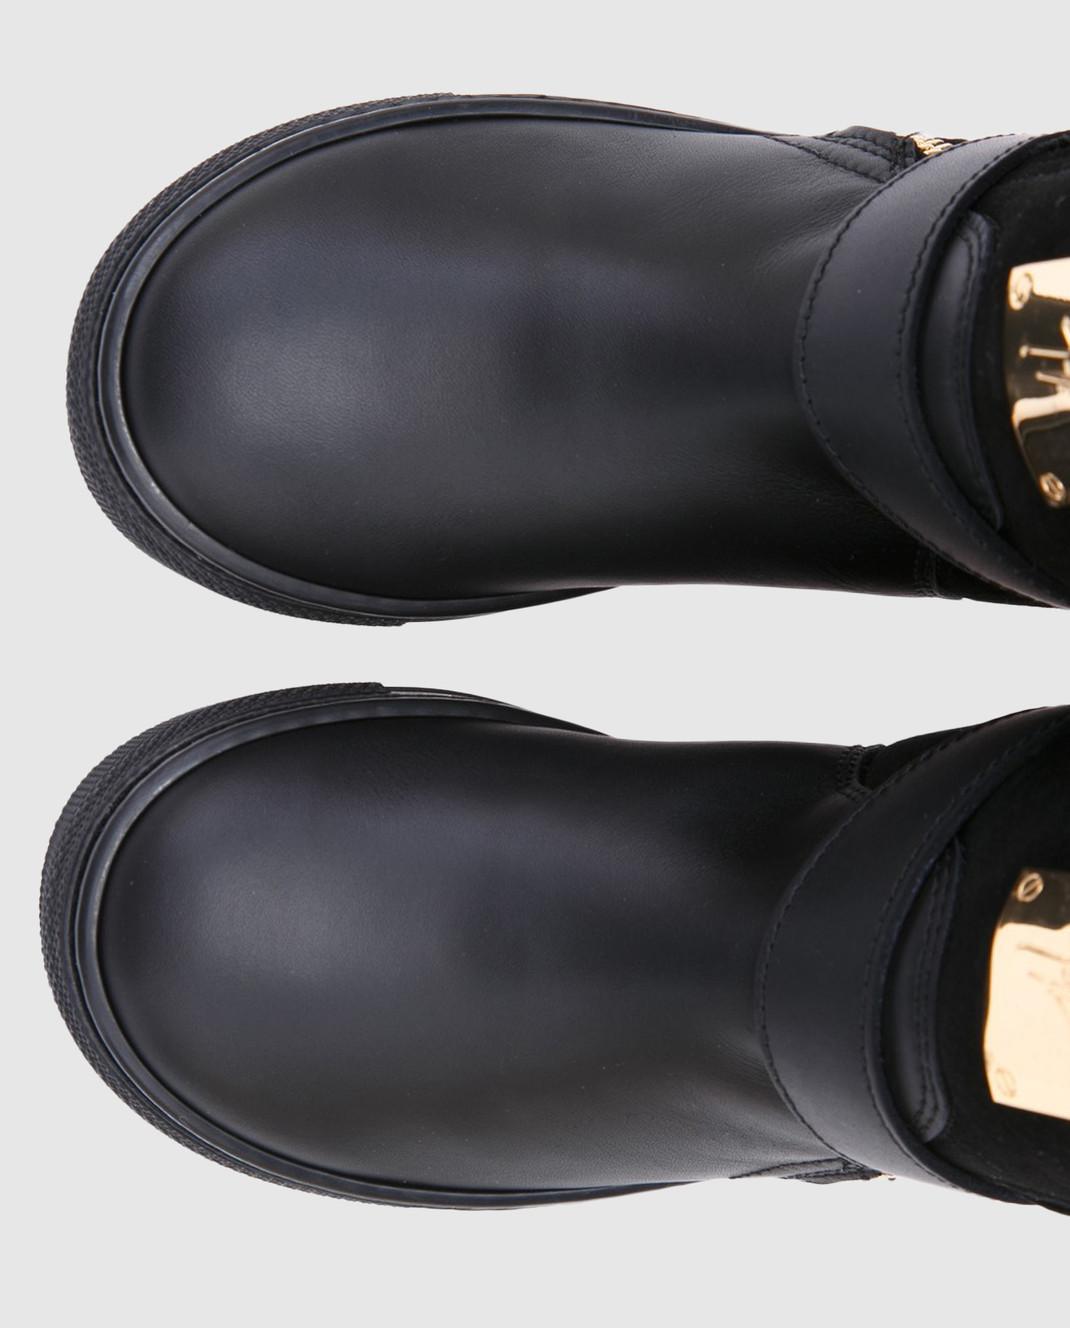 Giuseppe Zanotti Черные замшевые сапоги на меху с кожаными деталями изображение 4